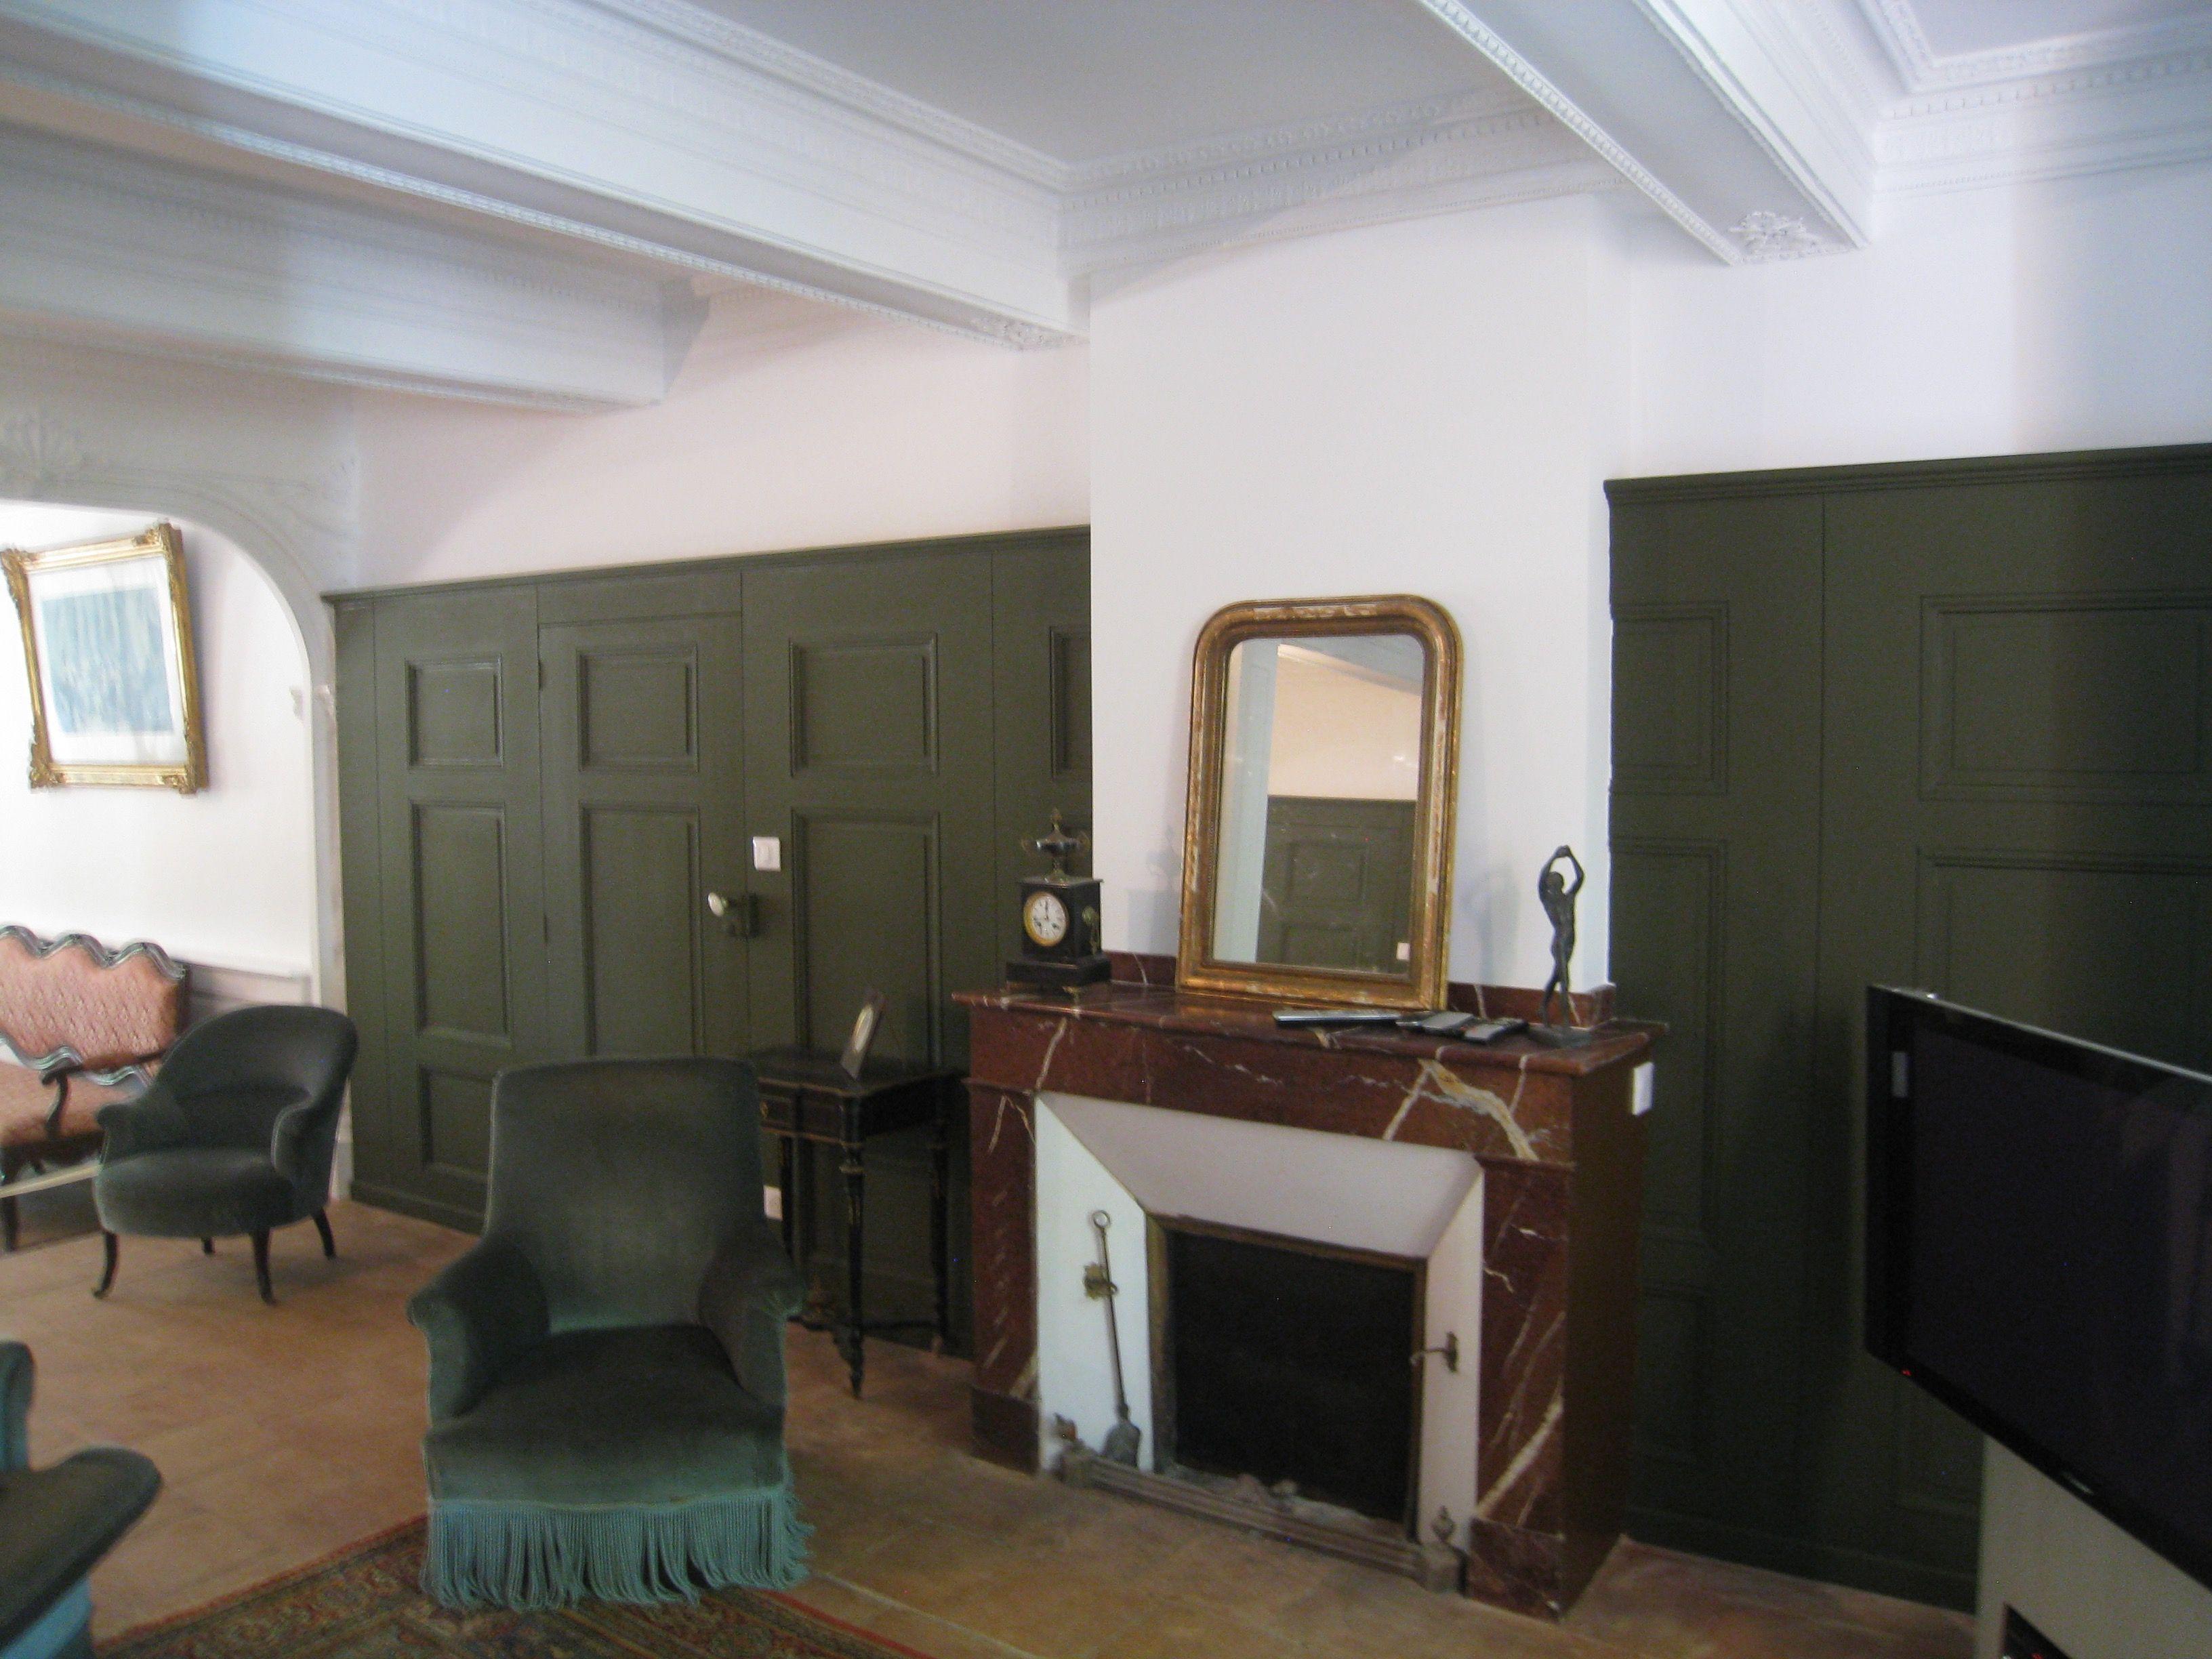 Incroyable Rénovation D Un Salon, Plafond Tendu 31 Extenzo, Peinture, Panneaux  Décoratifs Bois